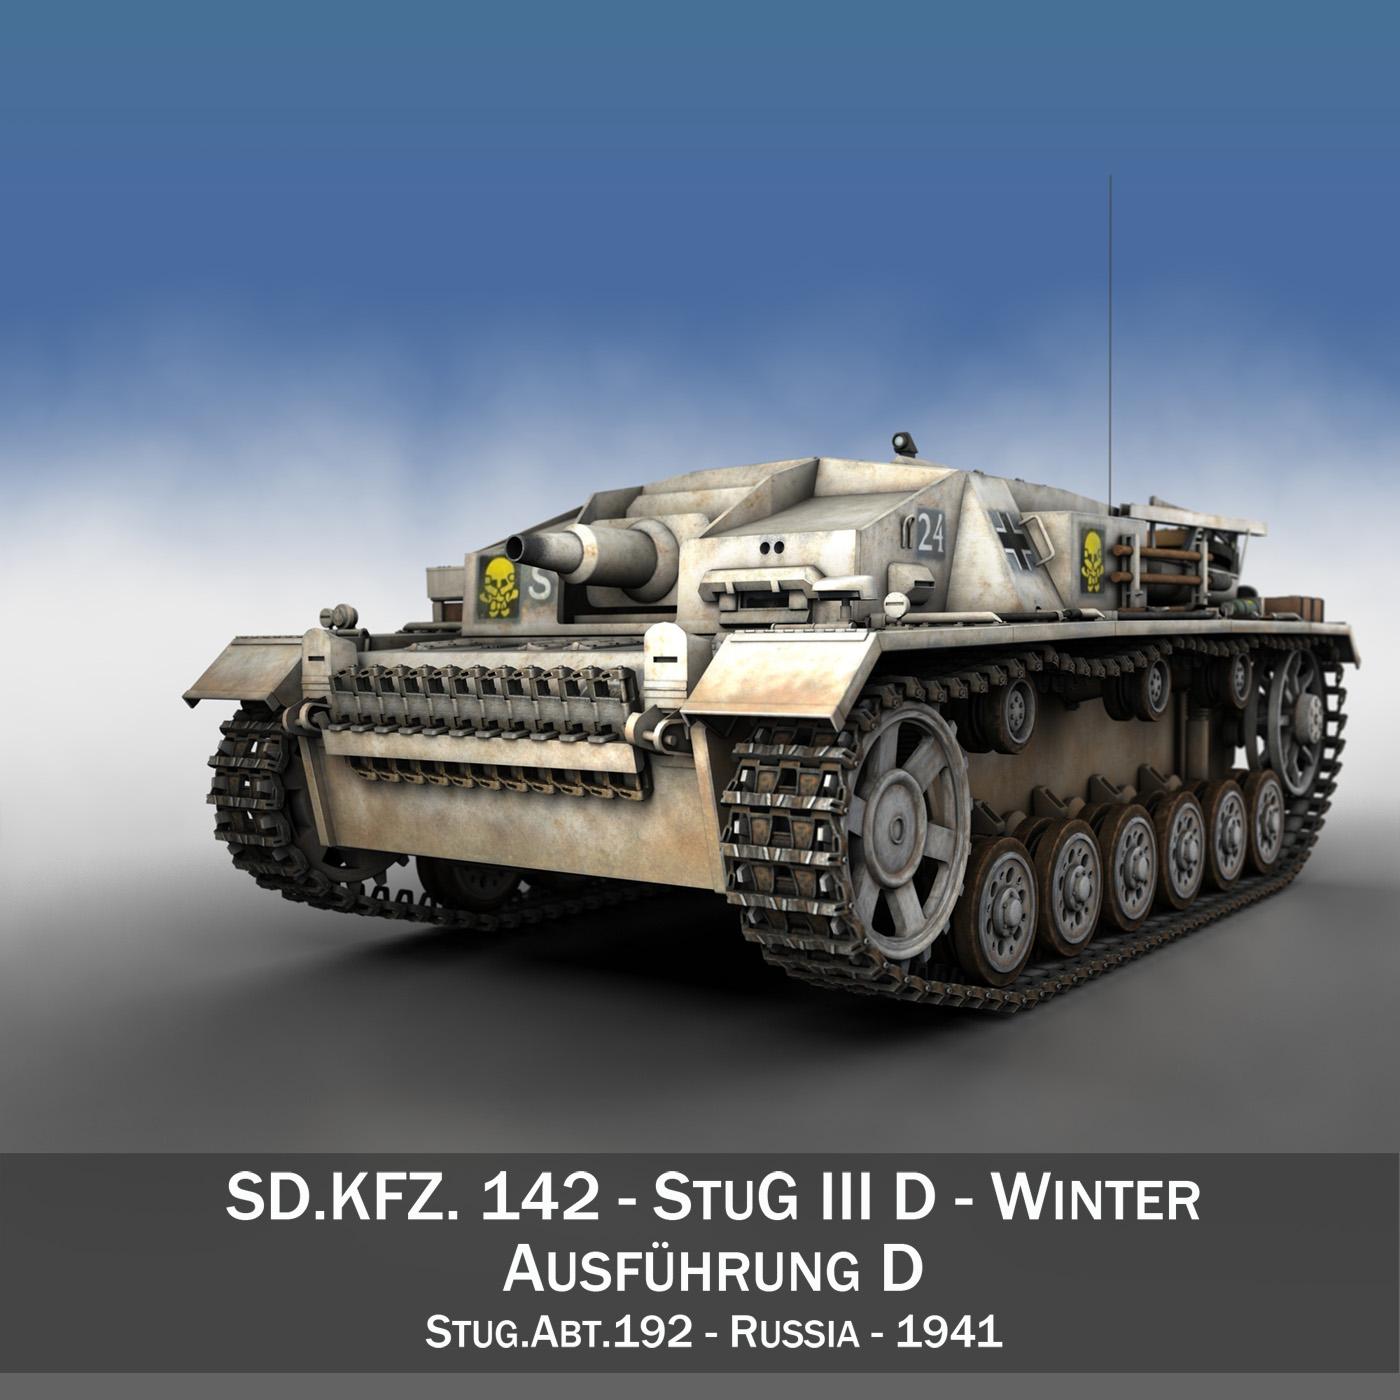 stug iii - ausf.d - stug abt 192 - camo geimhridh múnla 3d 3D fx lw lw lj lxNUMXd 4